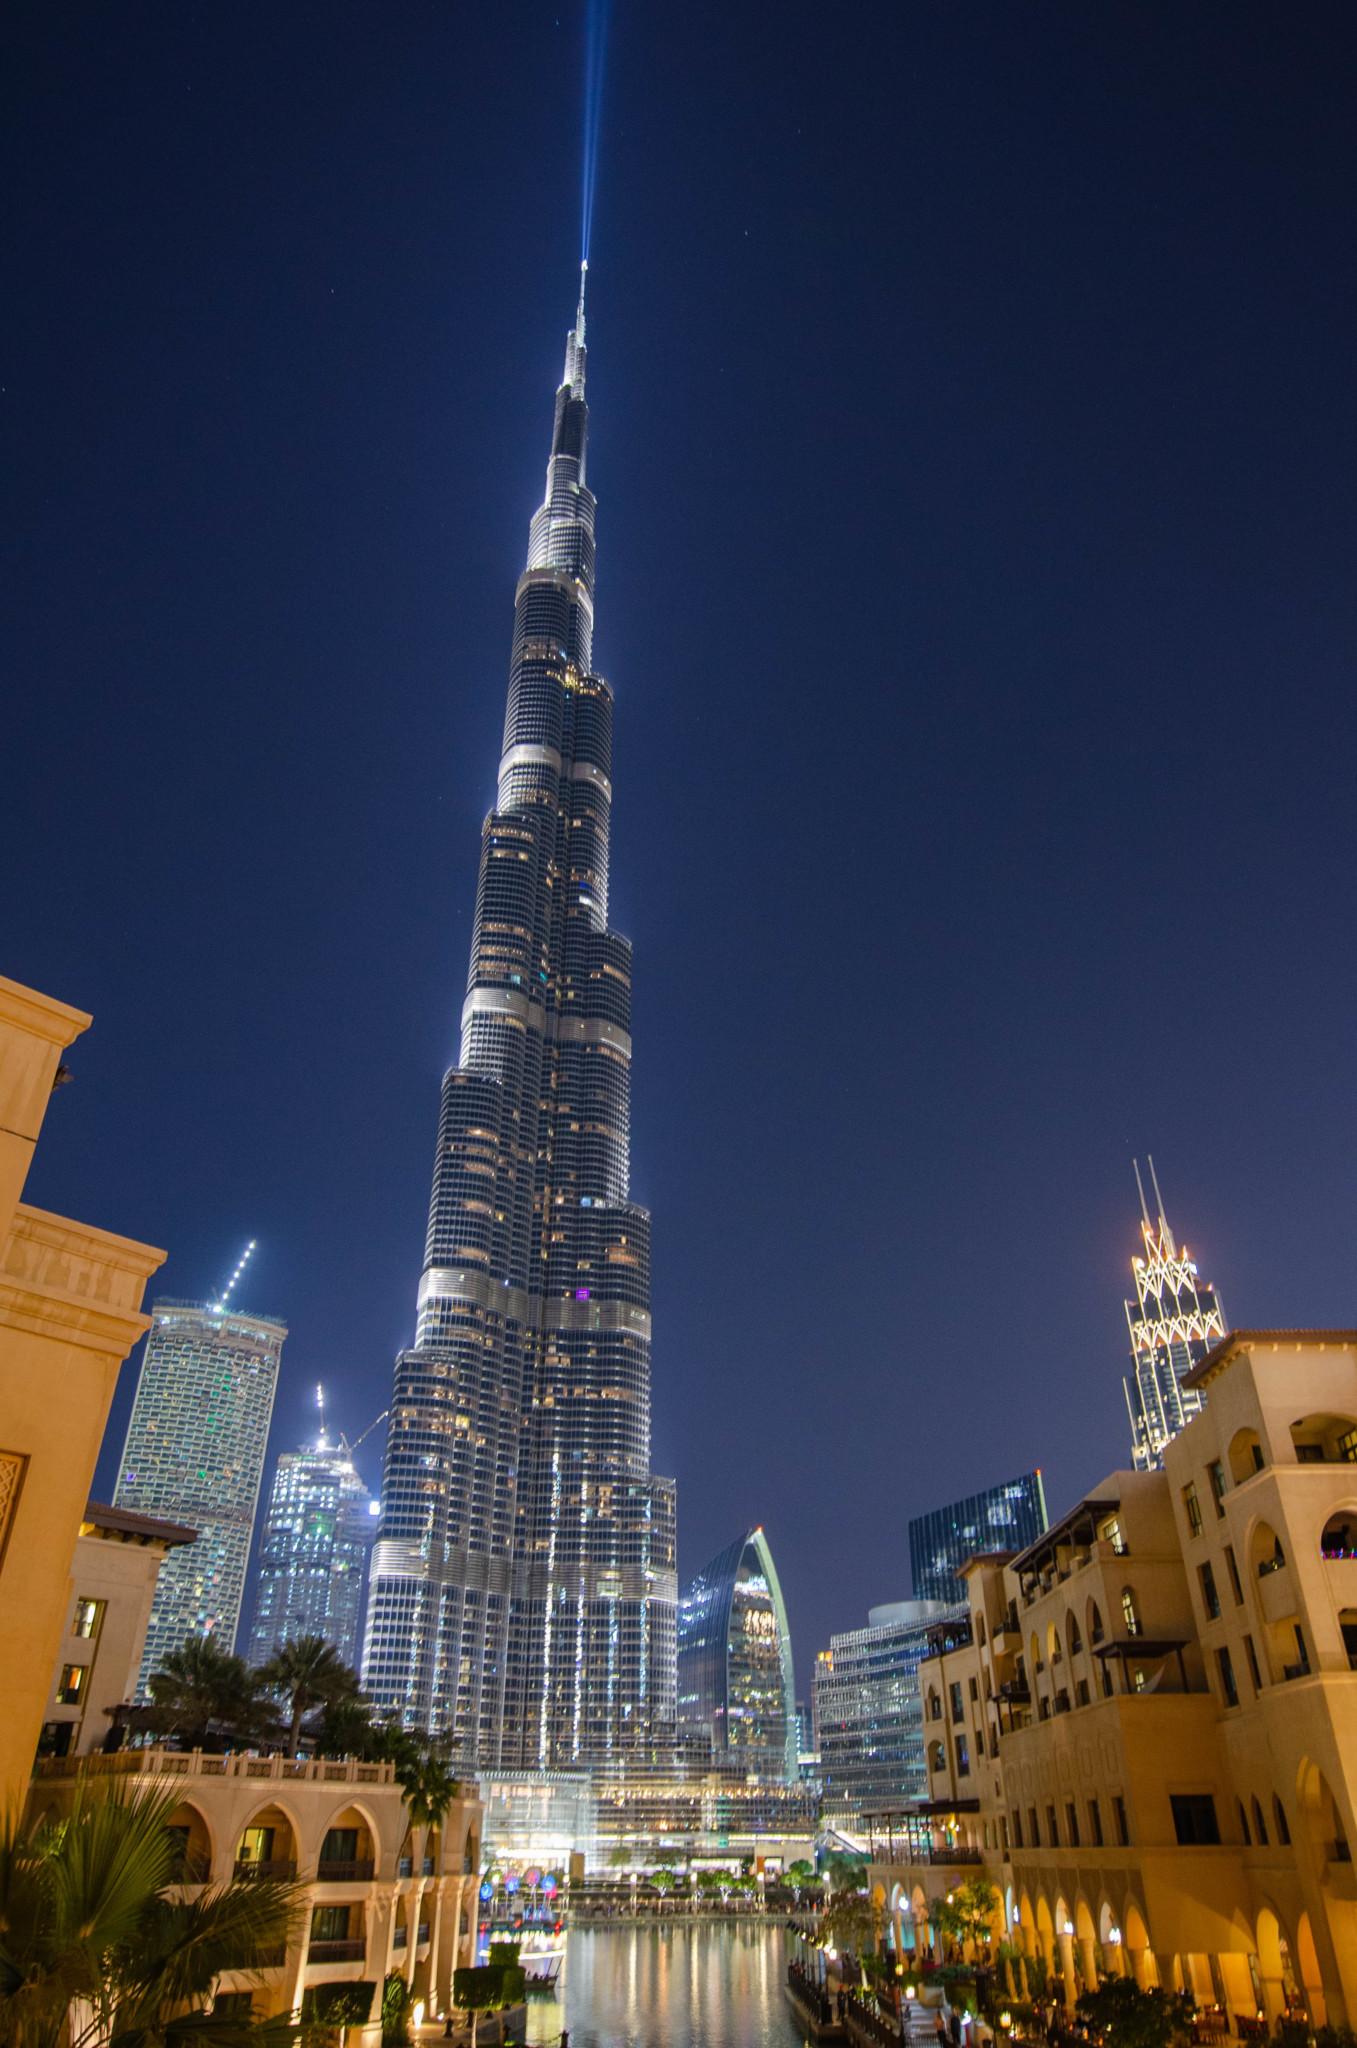 Der Burj Khalifa wird nachts beleuchtet